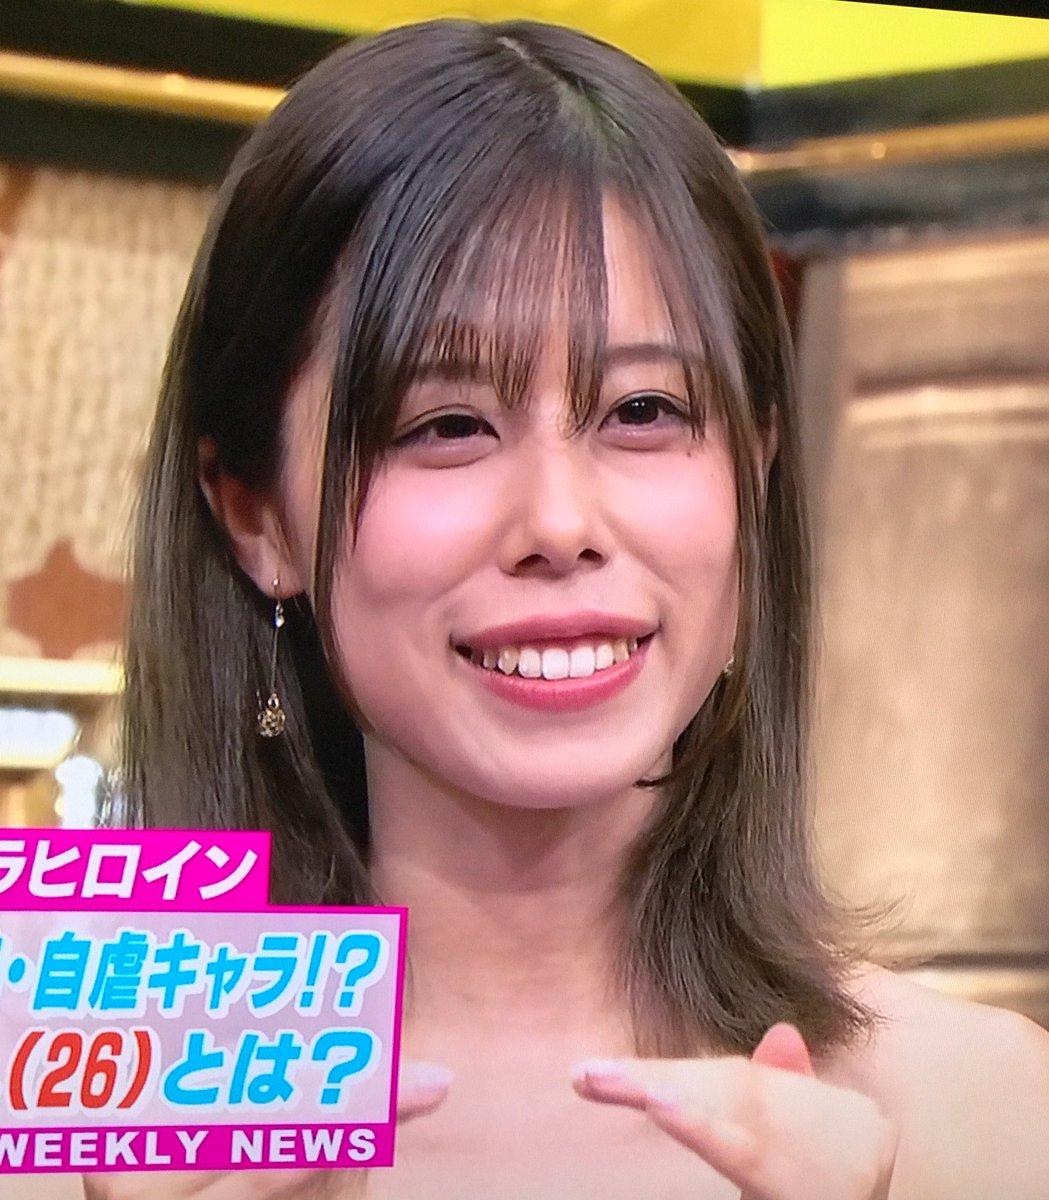 彡(゚)(゚)「有村架純ちゃんかわええなあ…   おっ、お姉ちゃんがおるんか!検索したろ!」